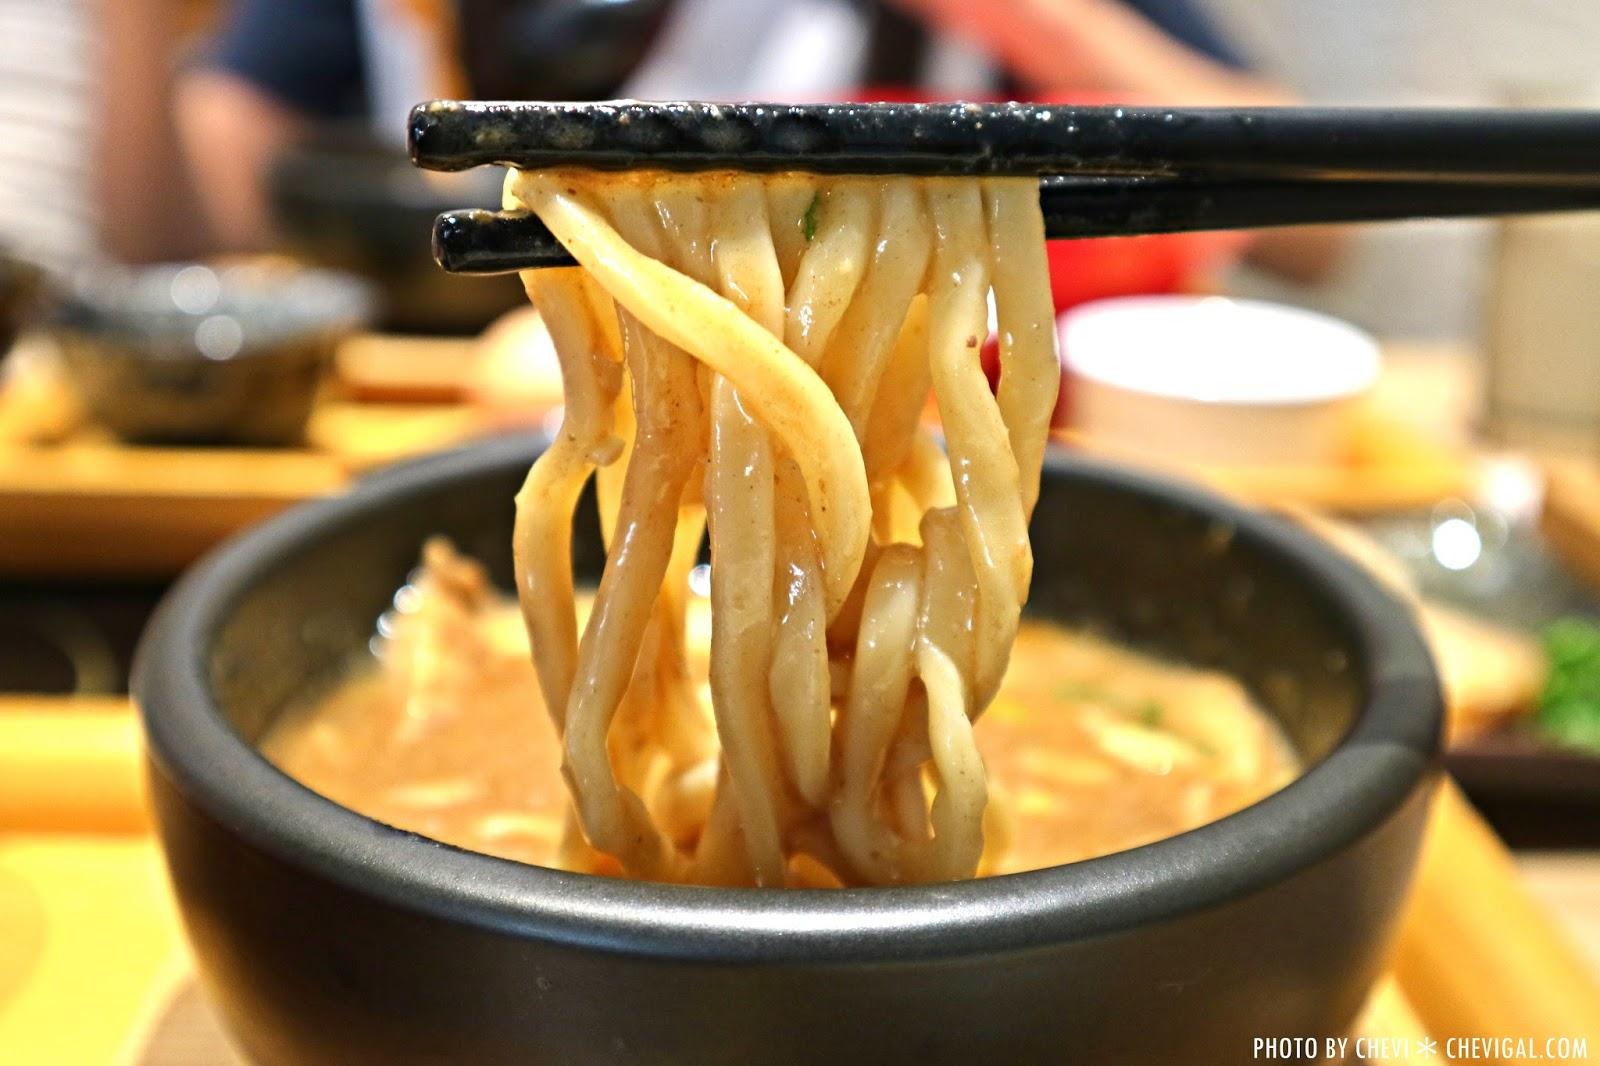 IMG 9812 - 熱血採訪│富士山55沾麵*富士山55周年感謝祭。澎派菜單全新登場。還有免費 Cold Stone冰淇淋請你吃